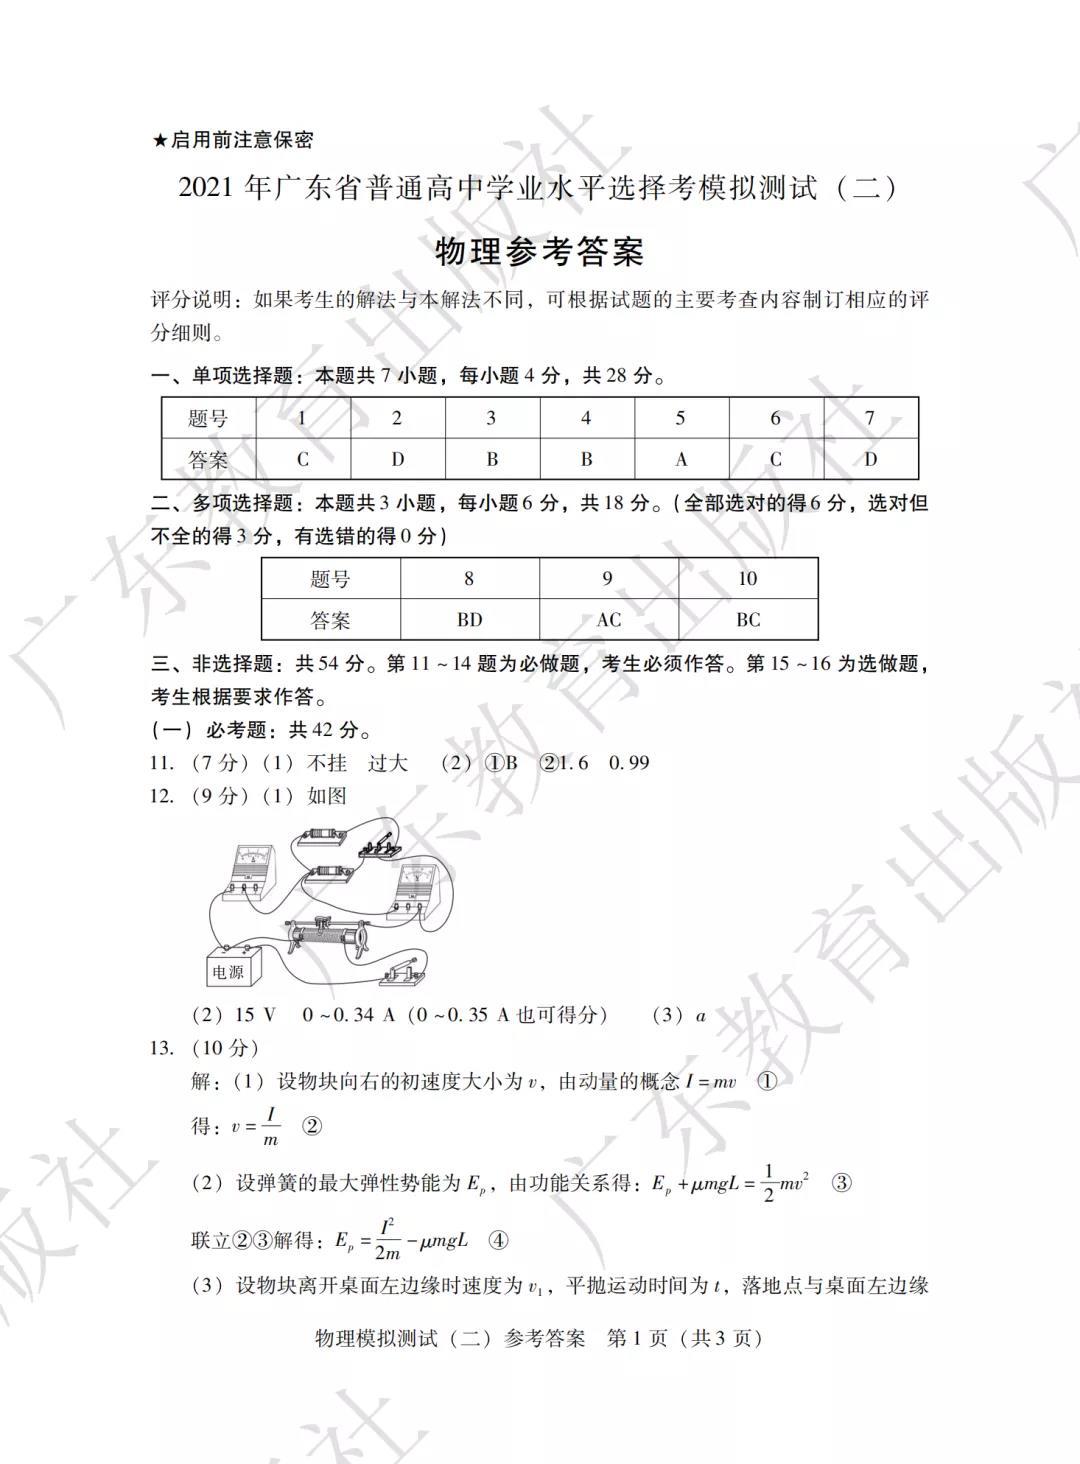 刚刚!2021广东高三二模英语考试结束,来对答案(物理、历史、英语及日语)